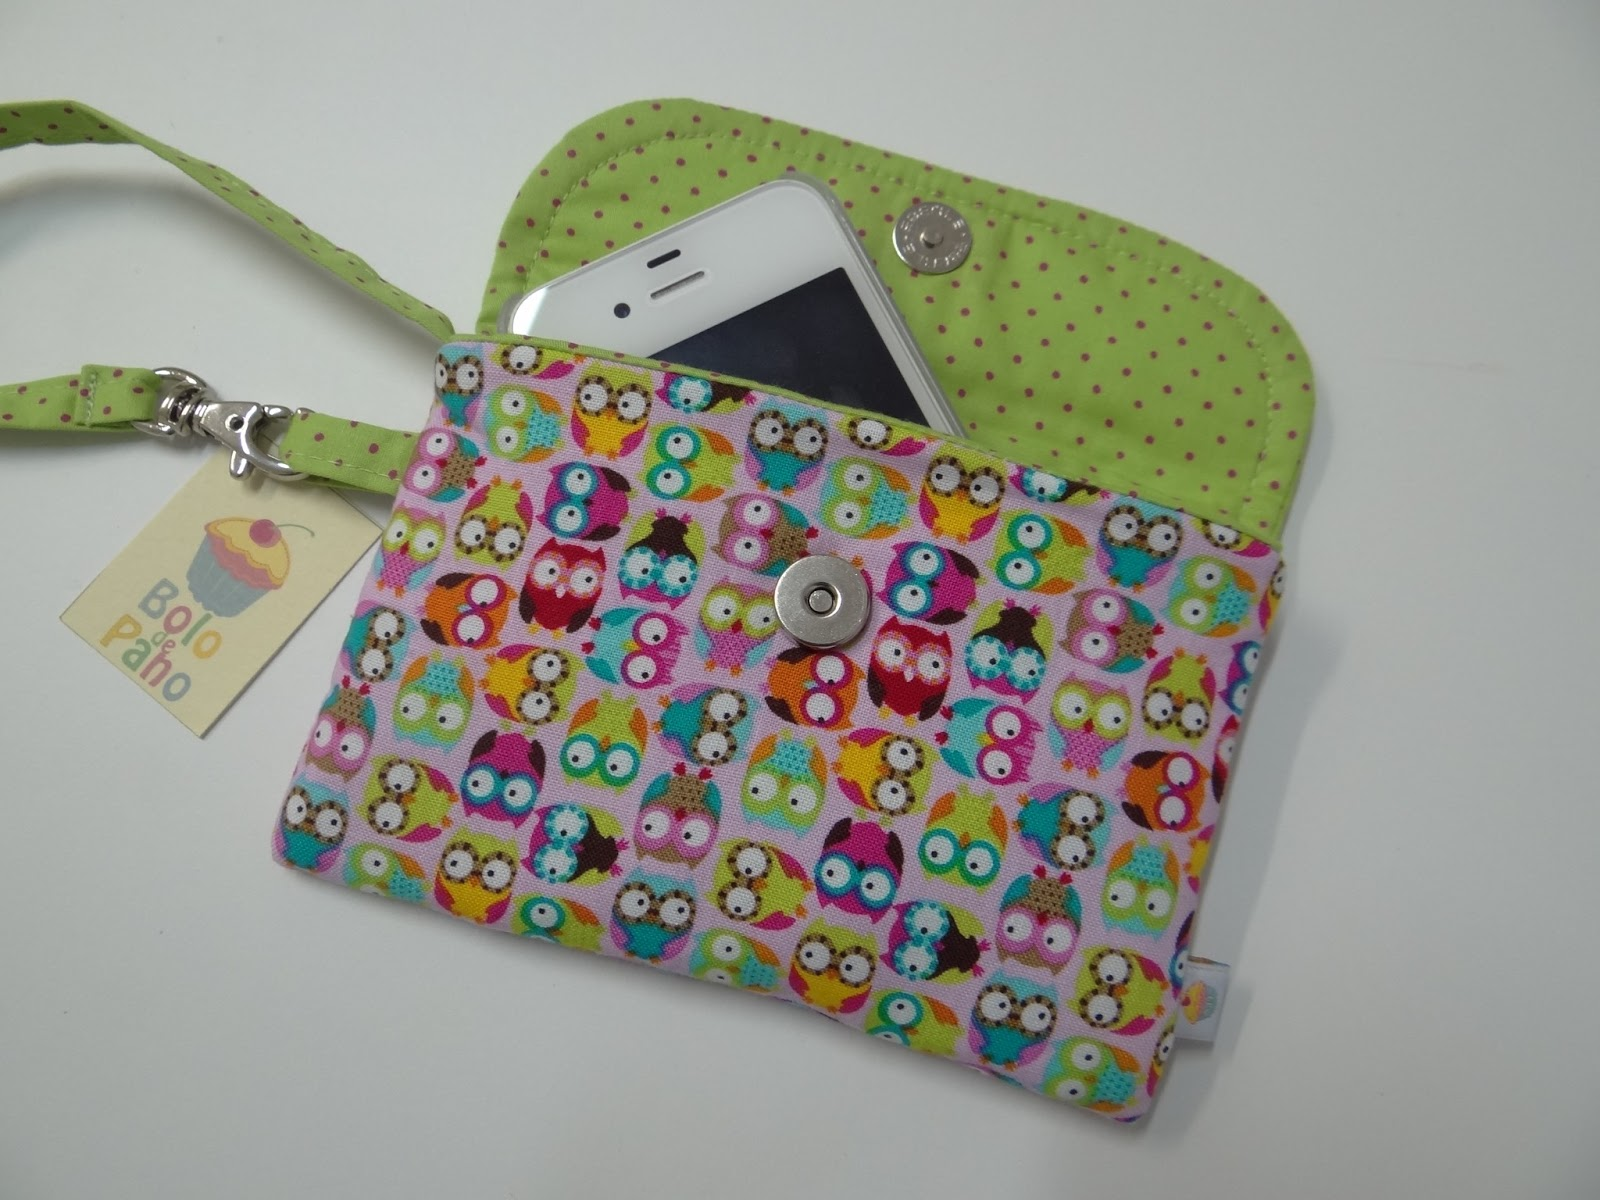 Bolsa De Pano Artesanal Passo A Passo : Bolo de pano bolsa envelope mini corujinhas